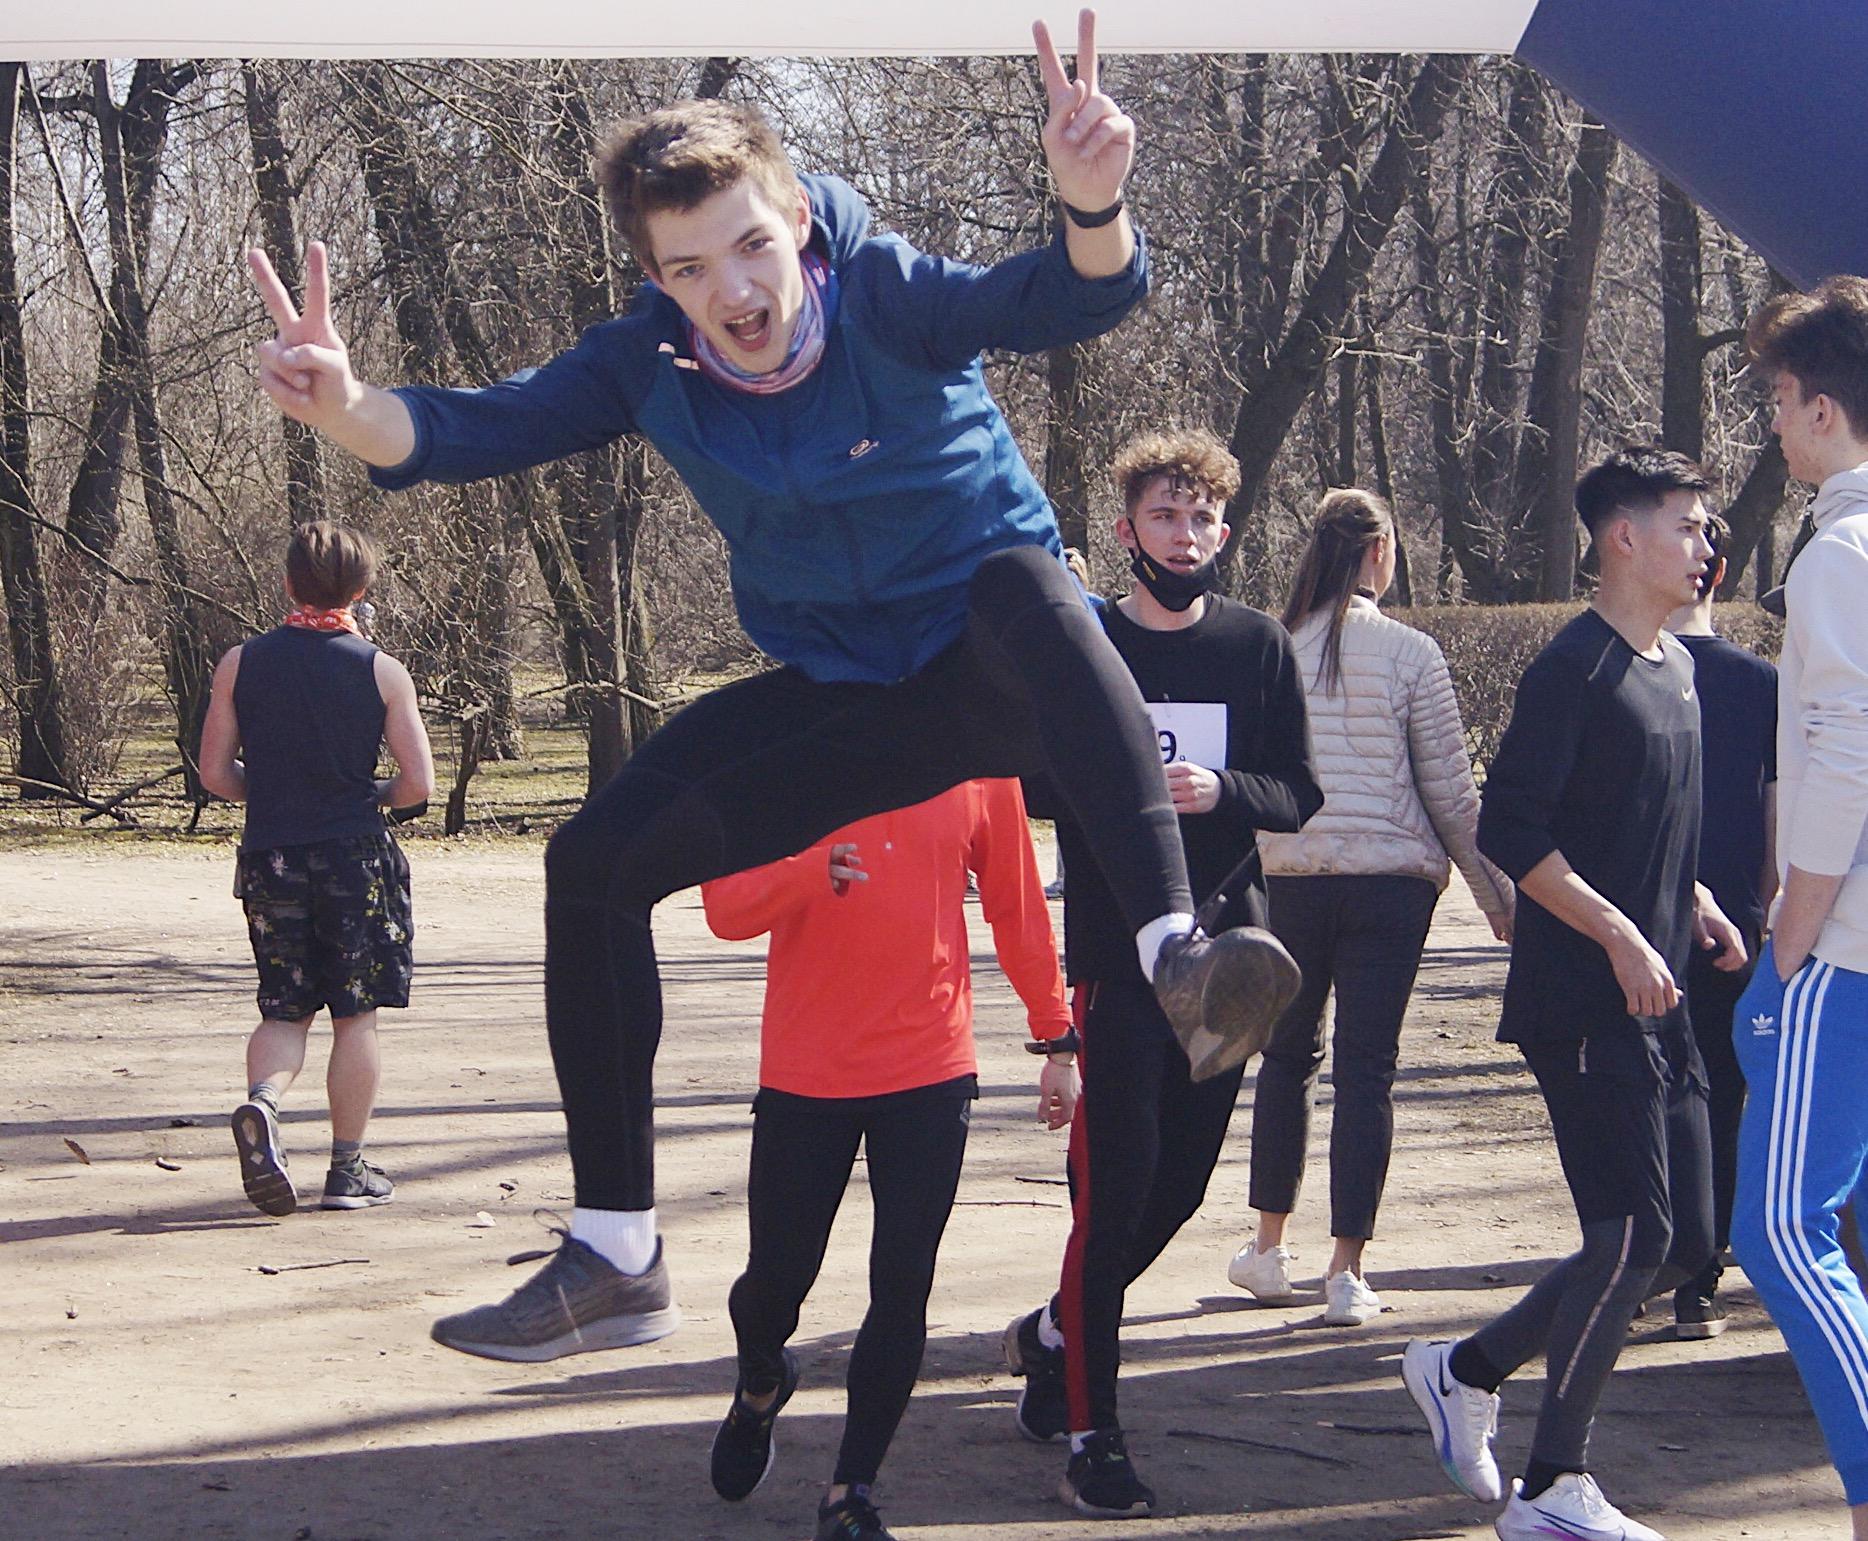 17 апреля легкоатлеты колледжа физической культуры и спорта, экономики и технологий СПбГУ ПОБЕДНО открыли летний легкоатлетический сезон!